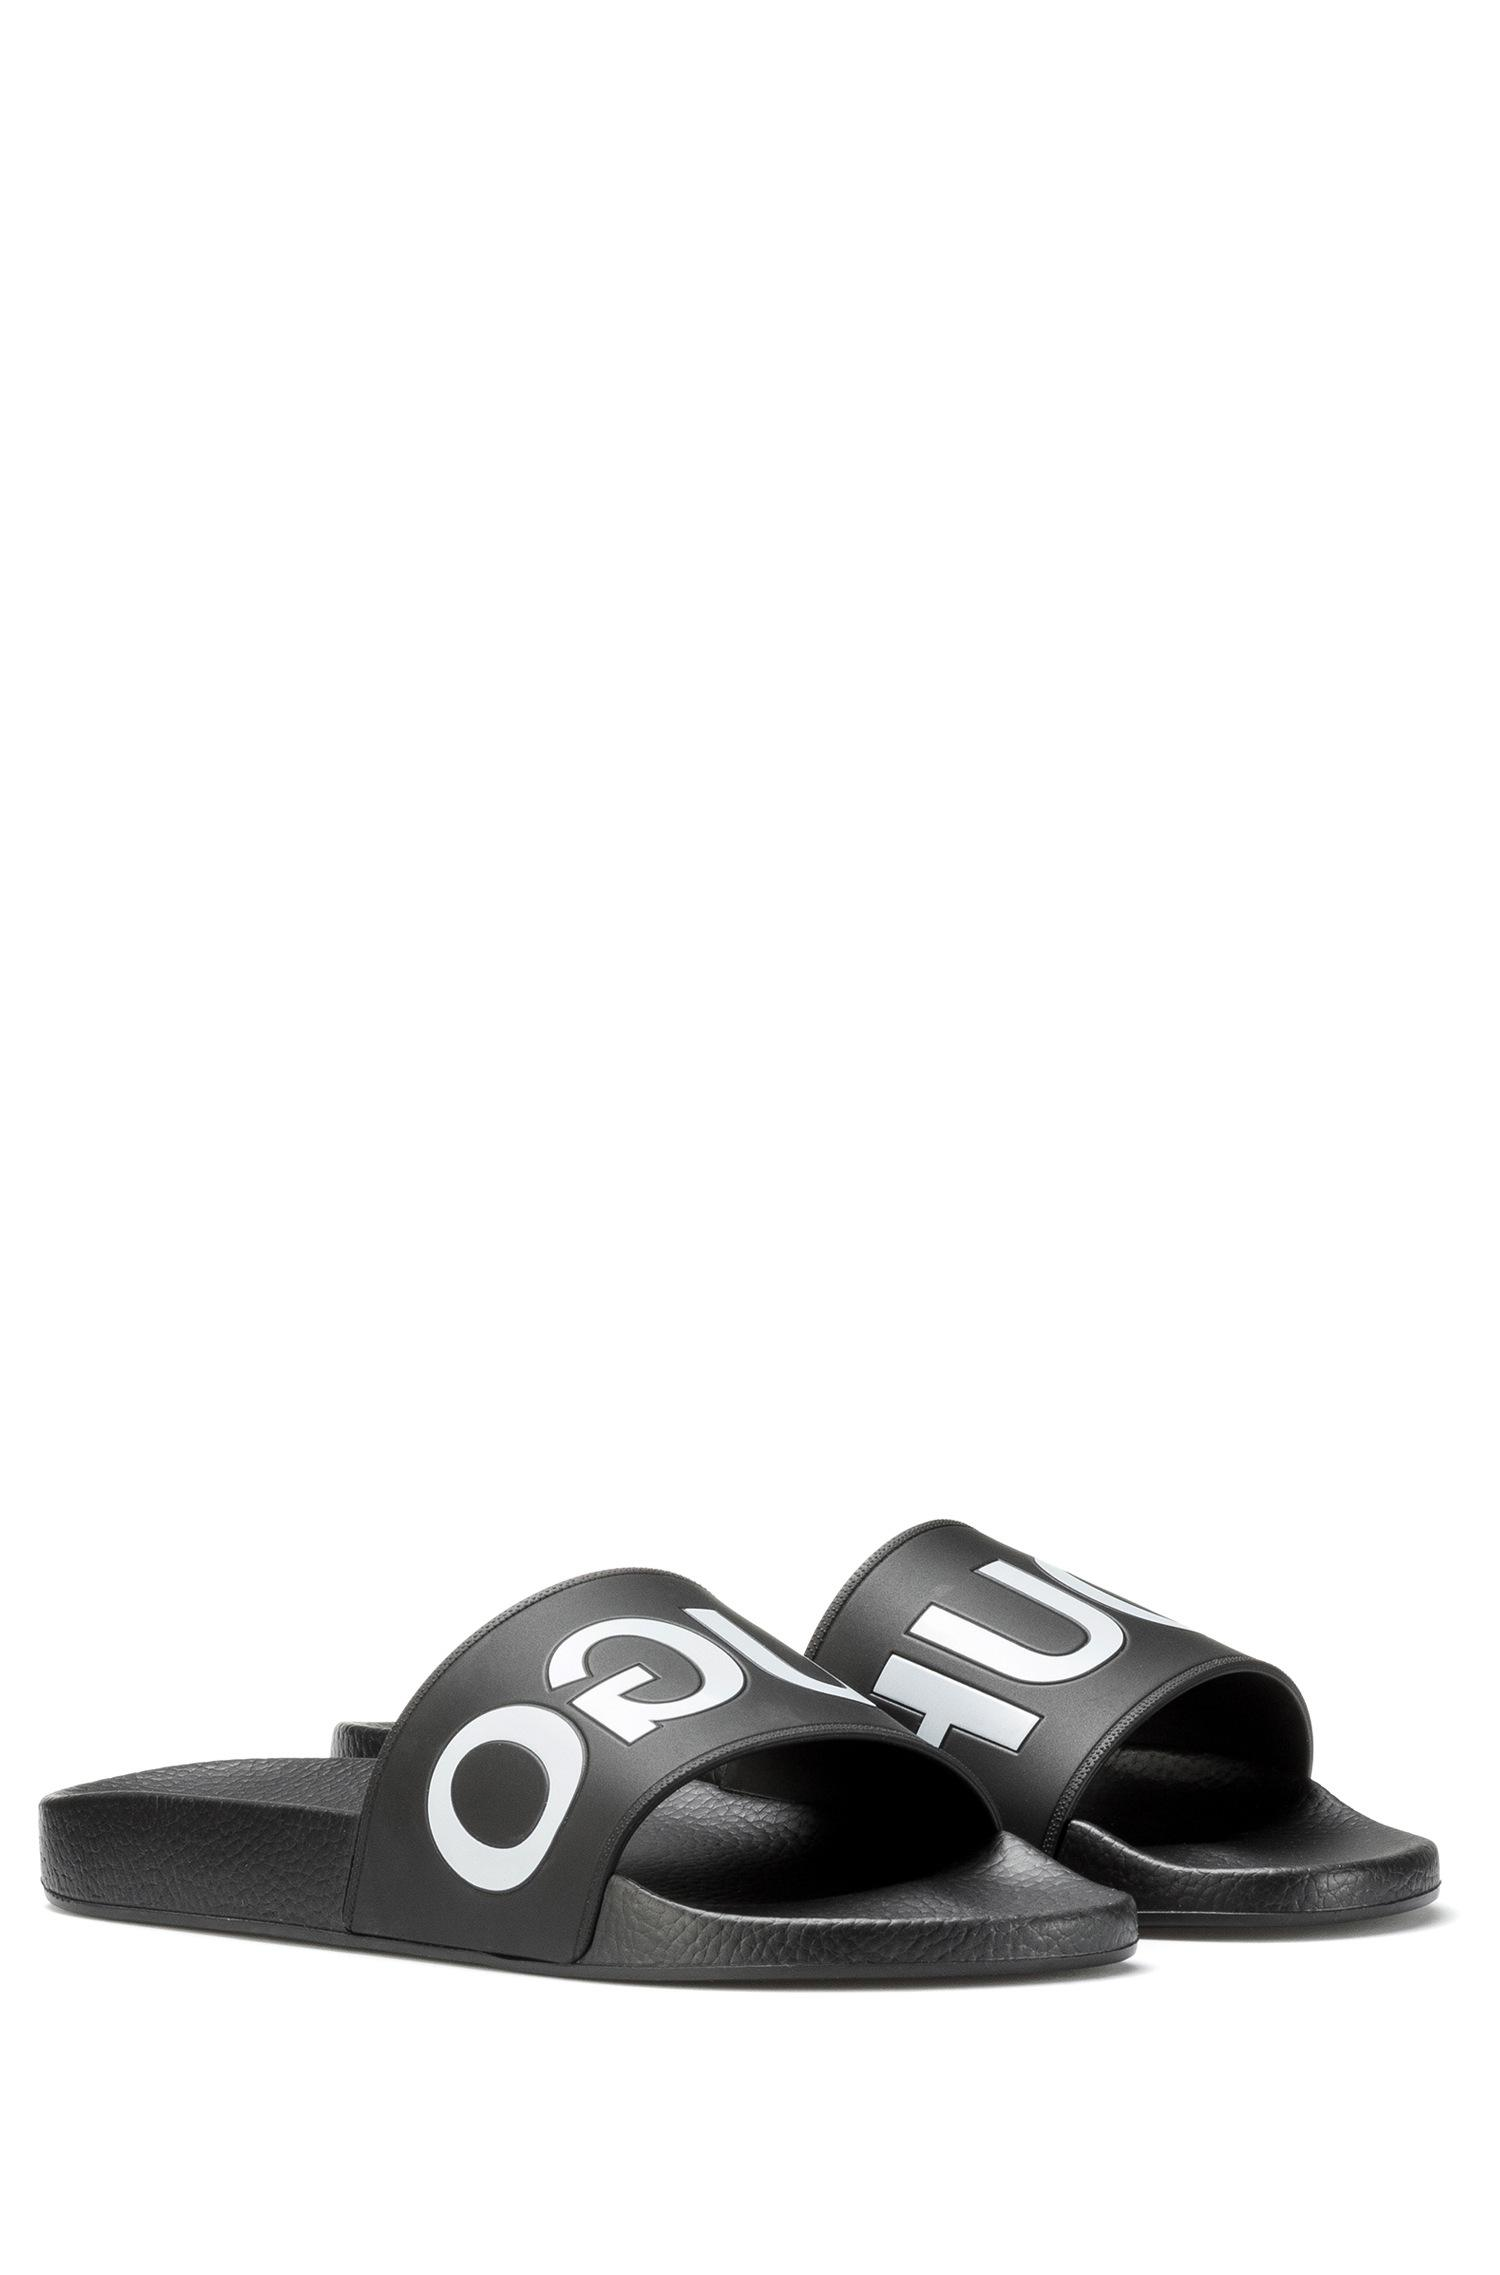 900f7cd6b8a2 HUGO - Black Reverse-logo Pool Sliders for Men - Lyst. View fullscreen